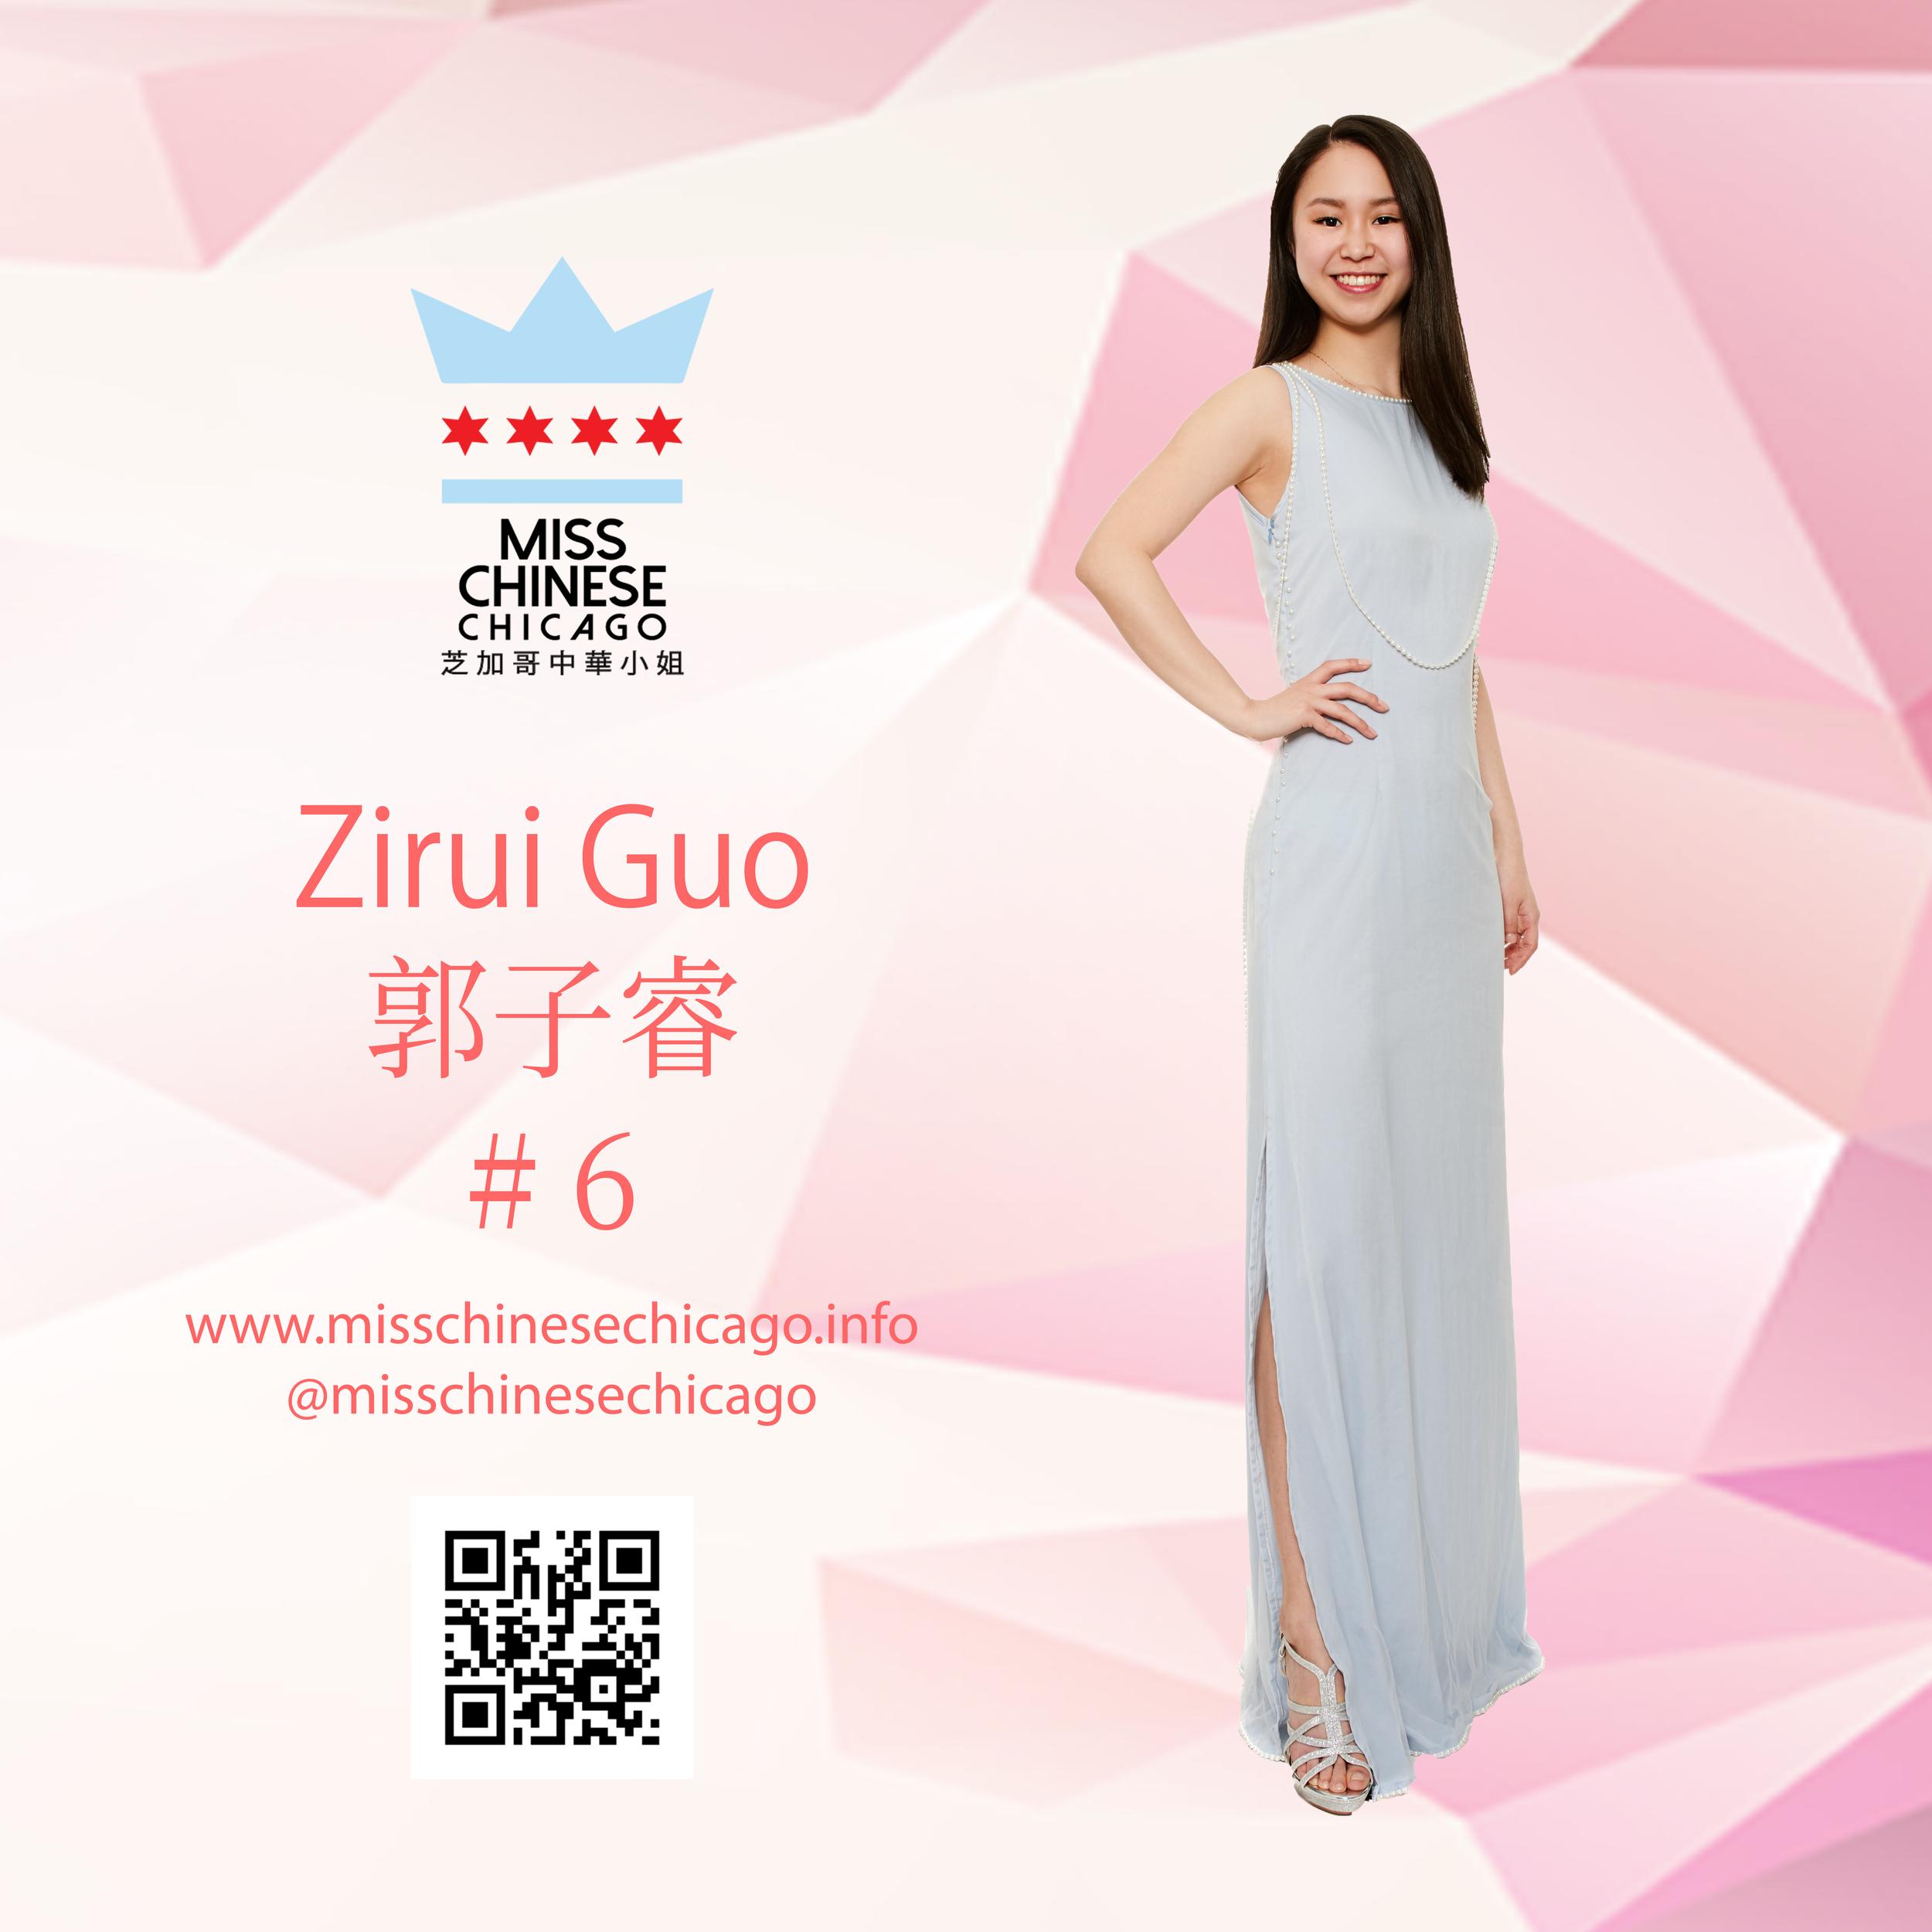 Zirui Guo 2019 Contestant